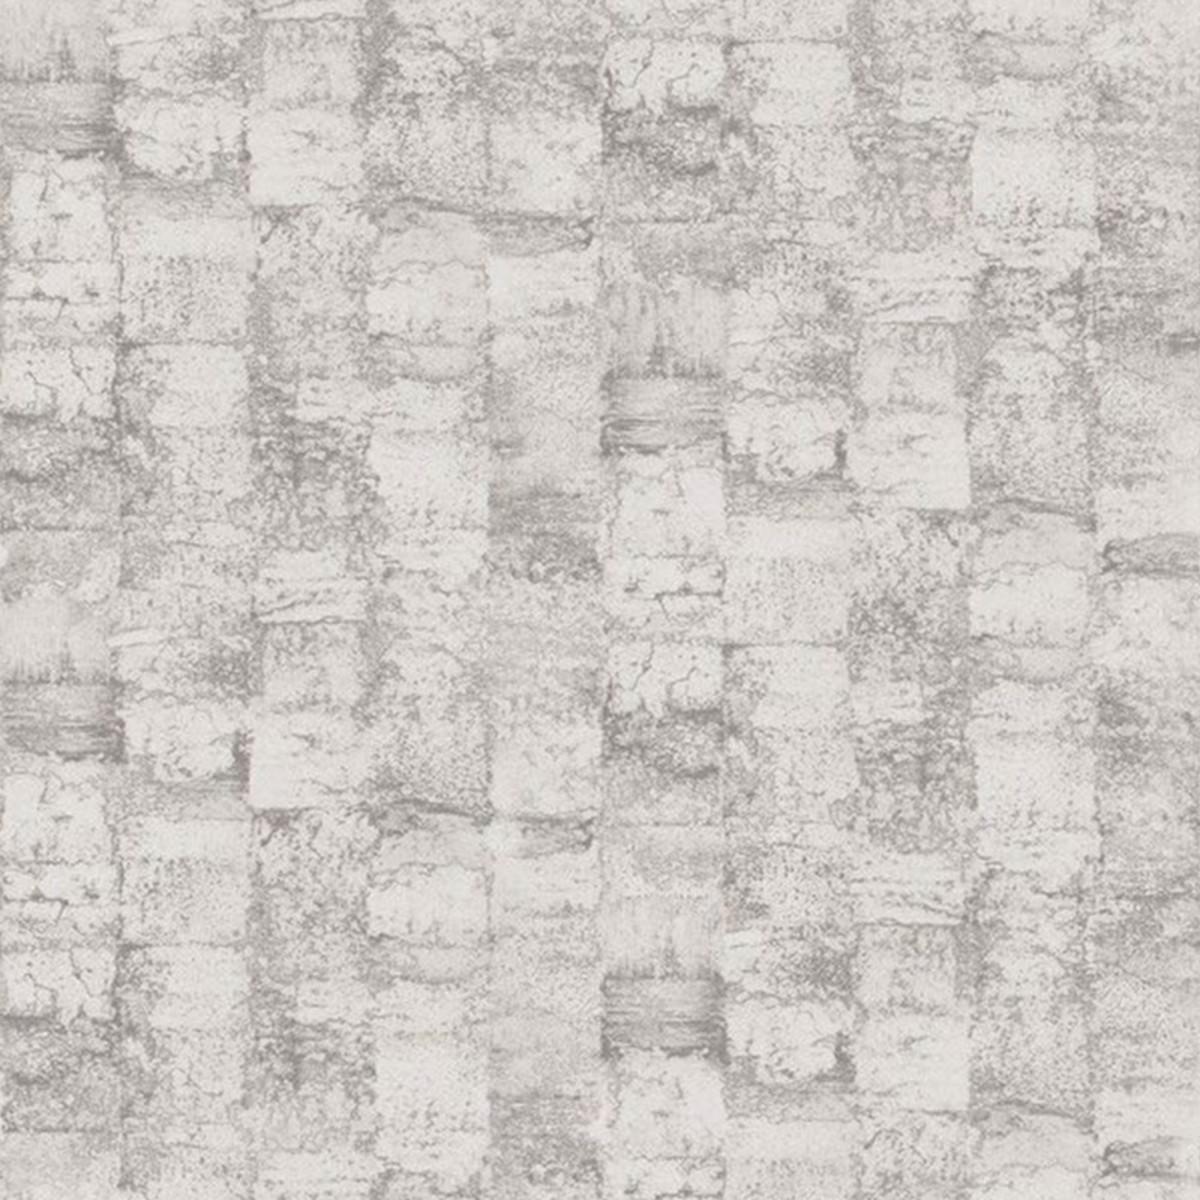 Обои флизелиновые Prospero Raw Elegance серые 0.53 м 343-347356